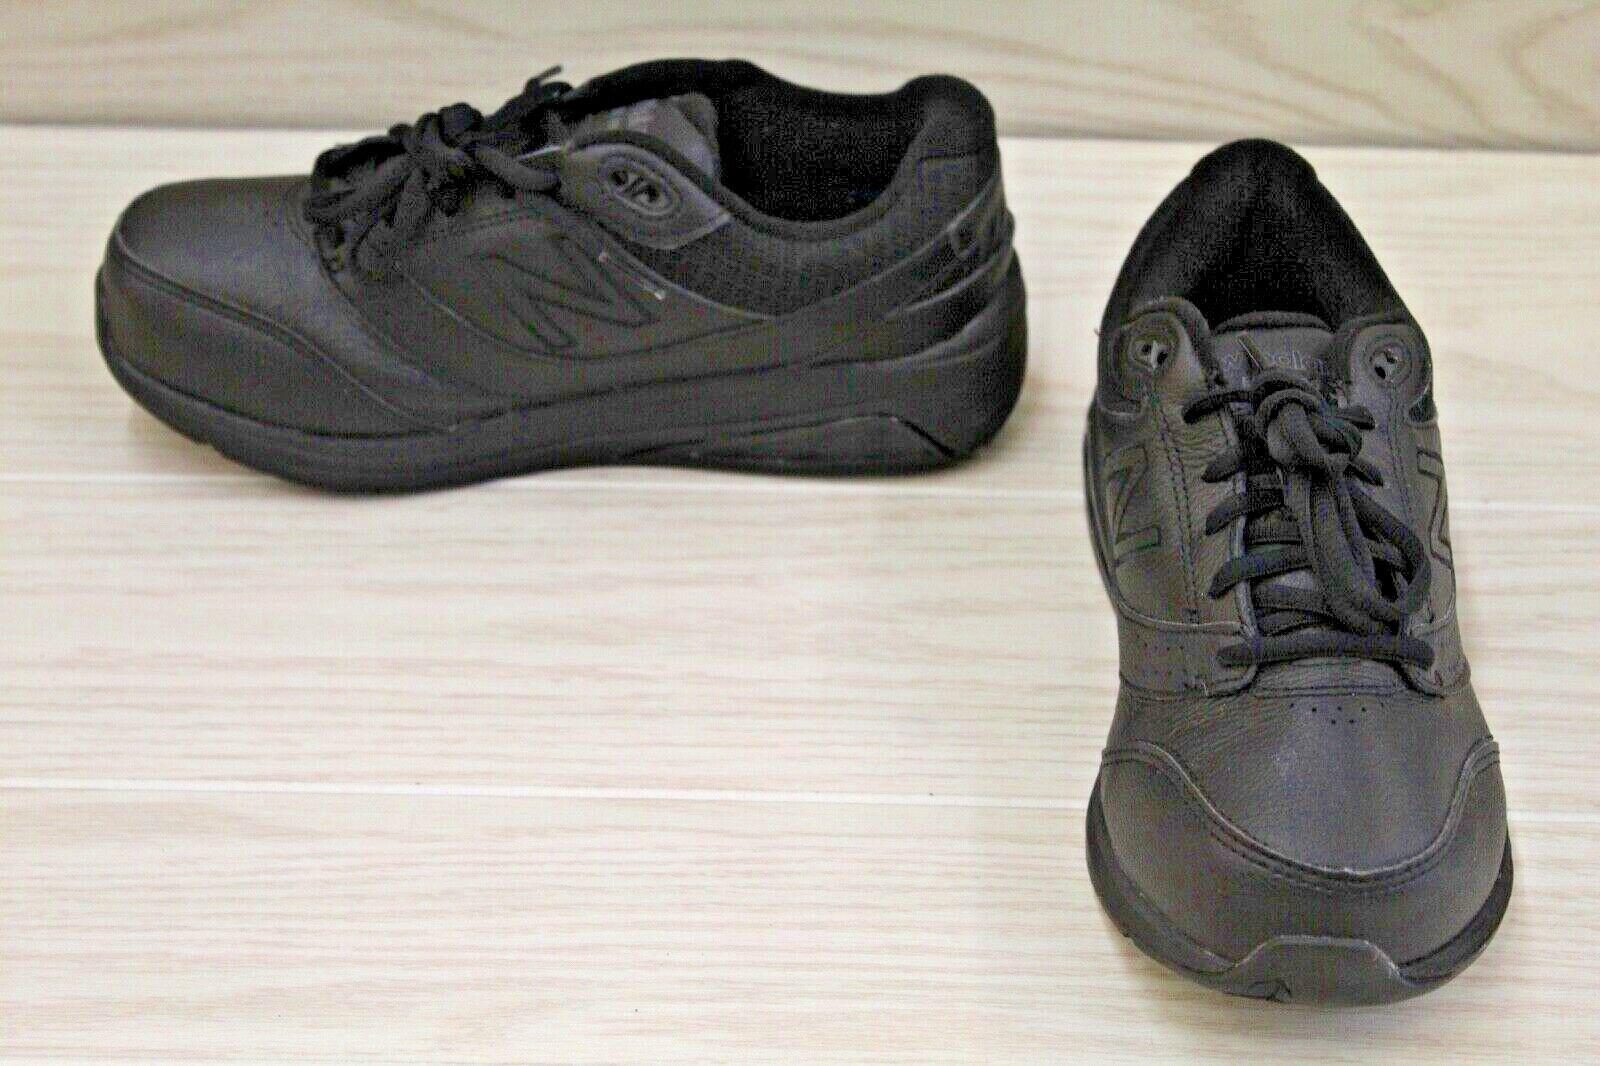 New Balance 928v3 WW928BK3 Chaussures de Marche, femme taille 6 2E, Noir